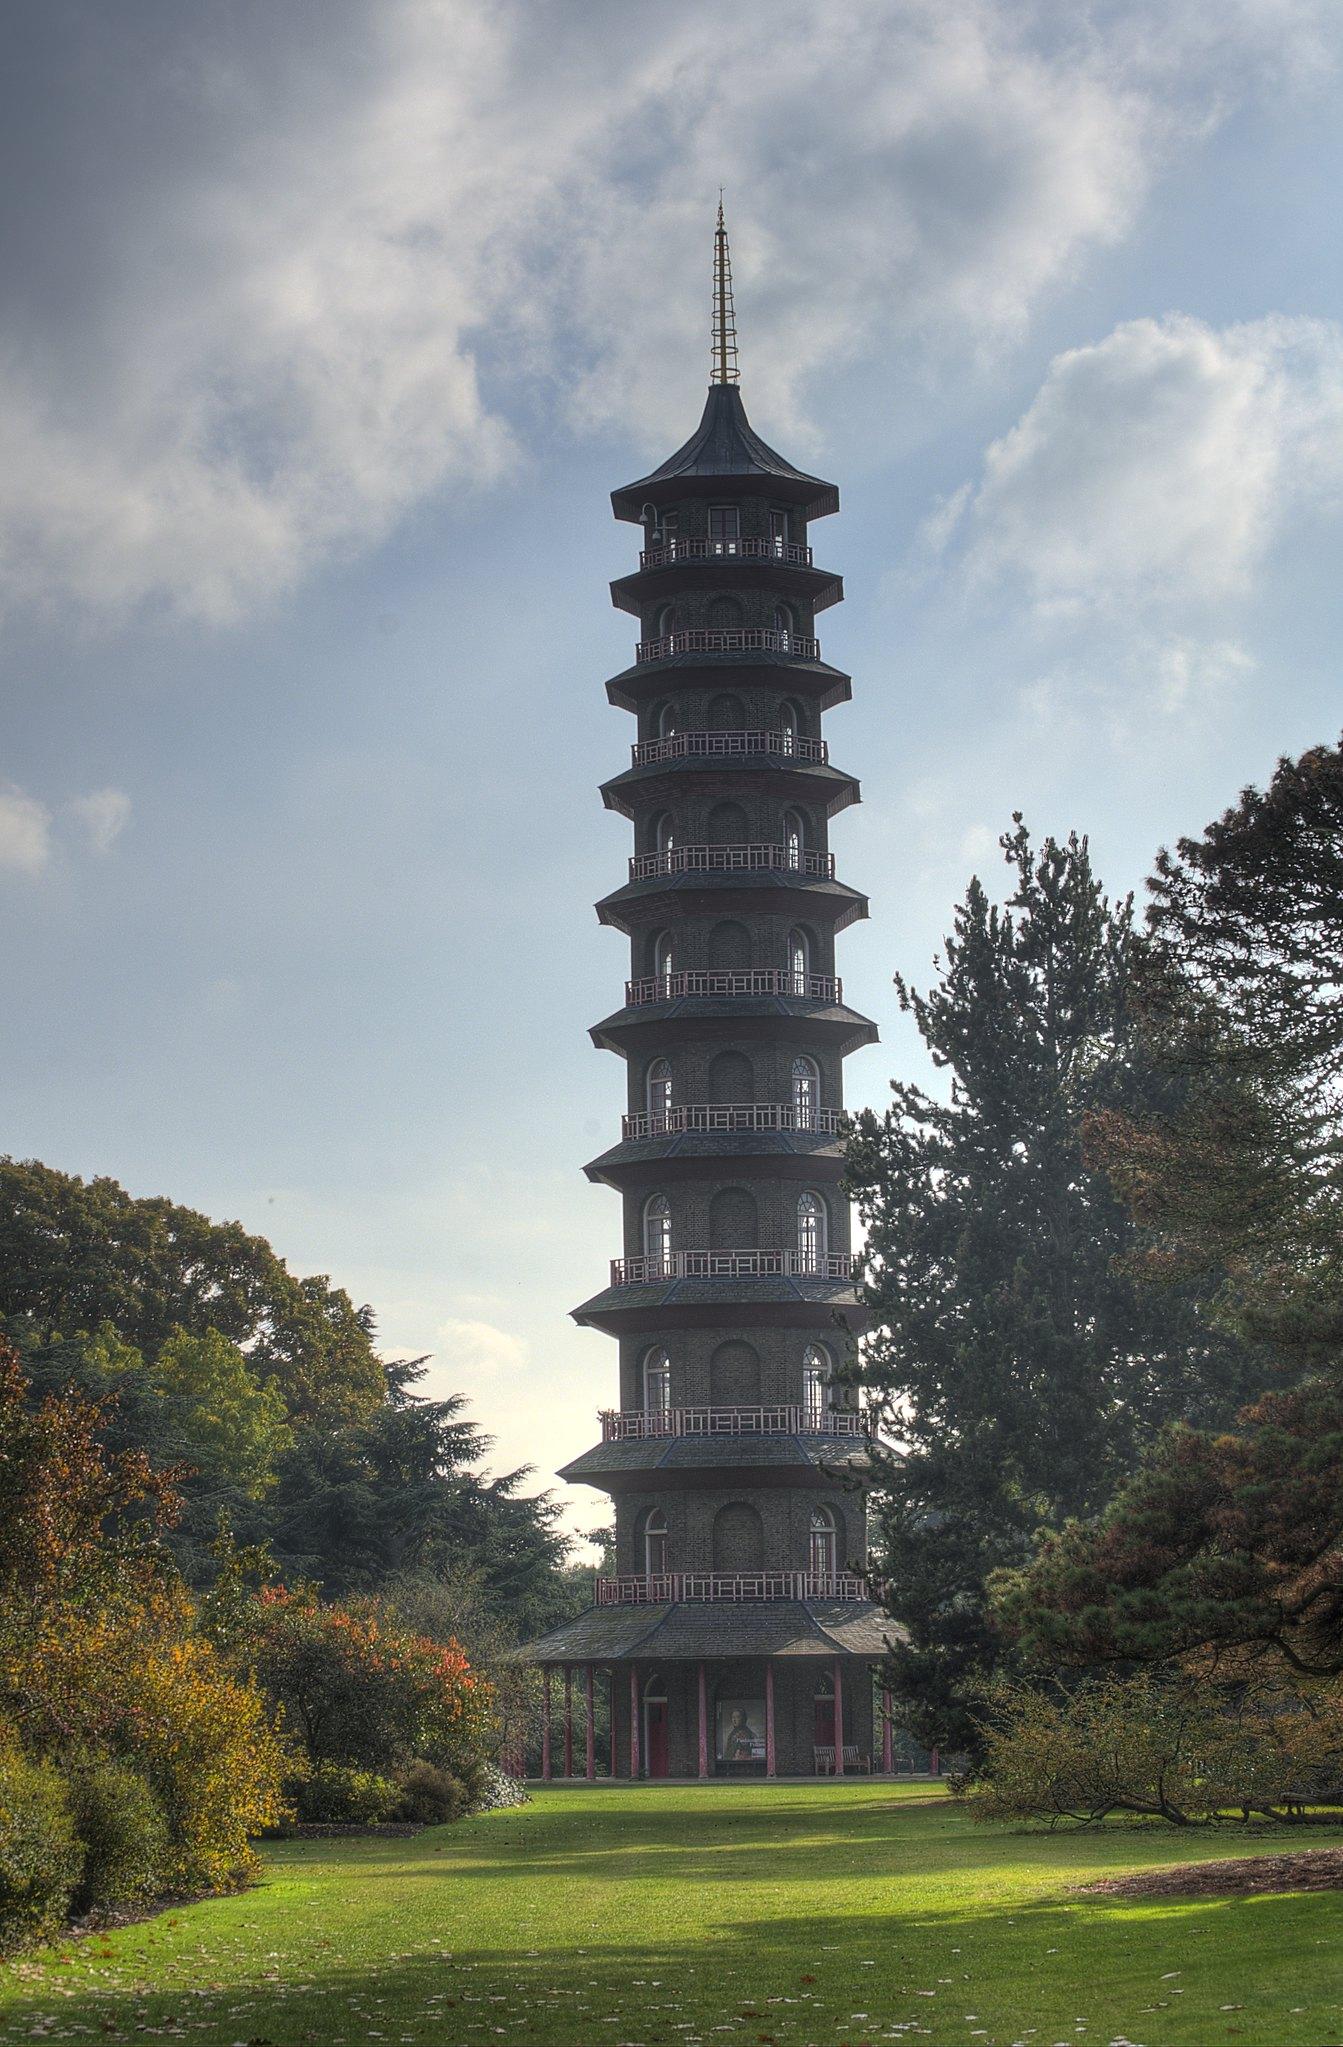 The Japanese Pagoda at Kew